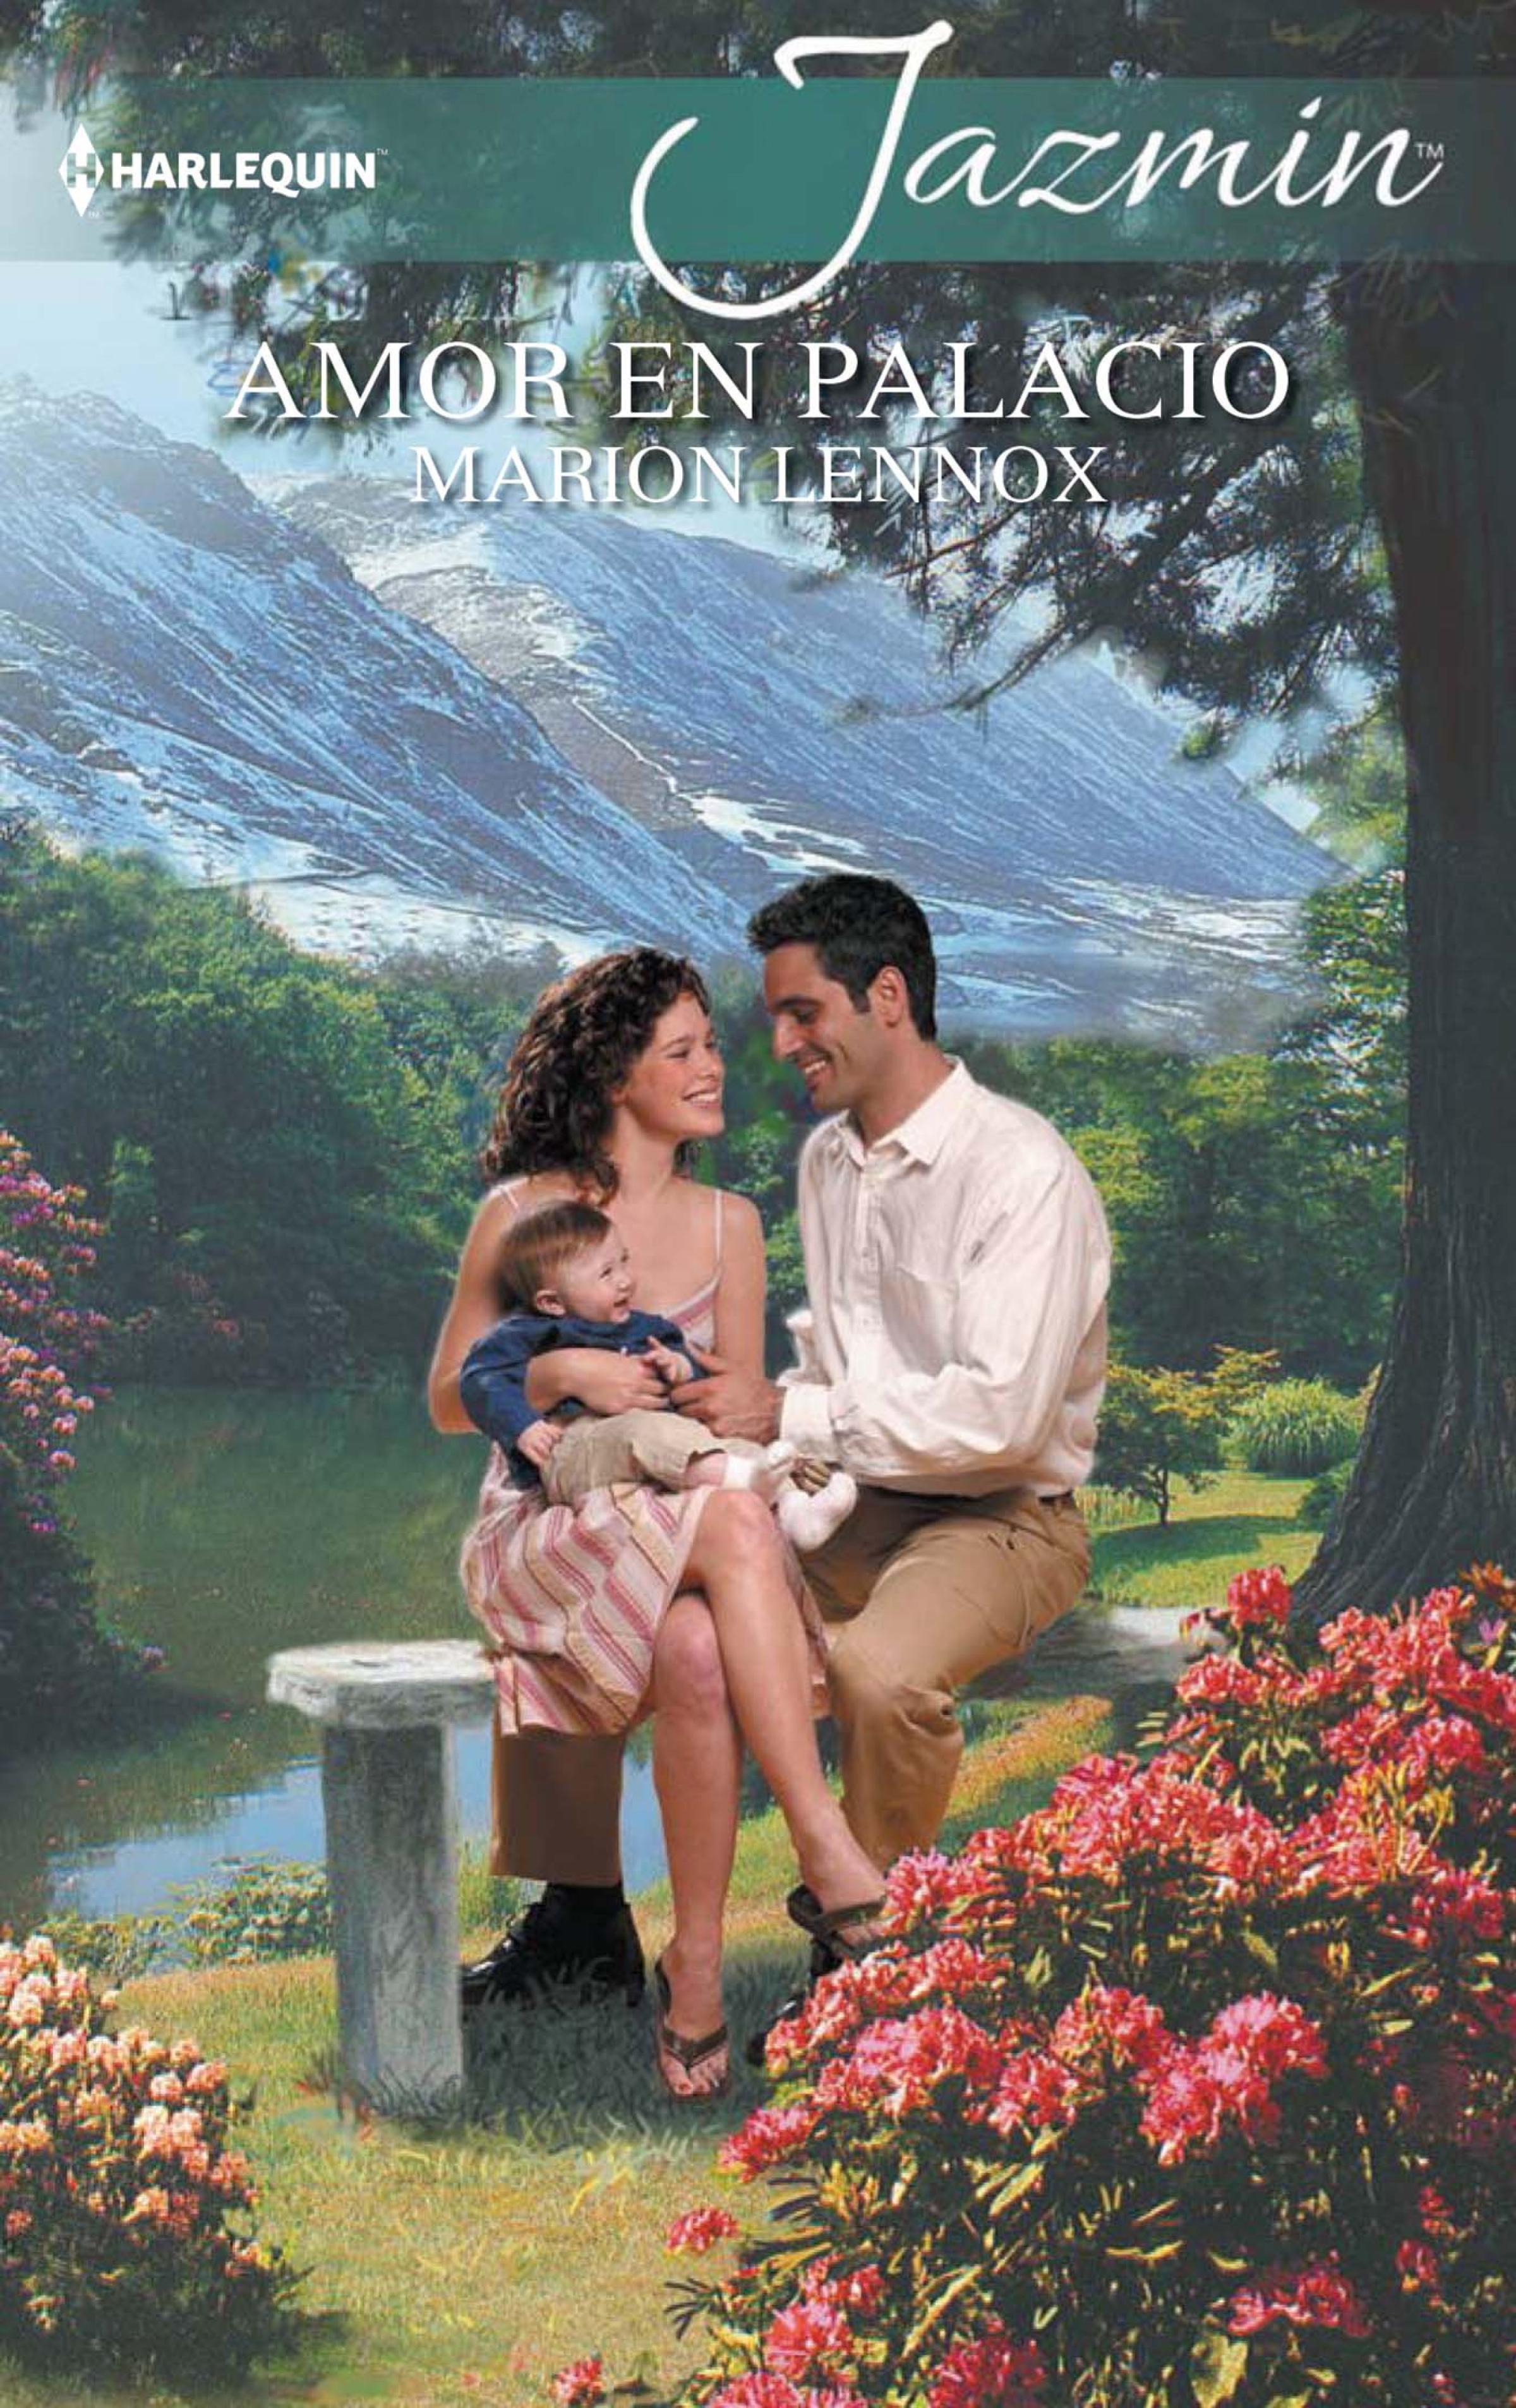 Marion Lennox Amor en palacio marion lennox o castelo do amor